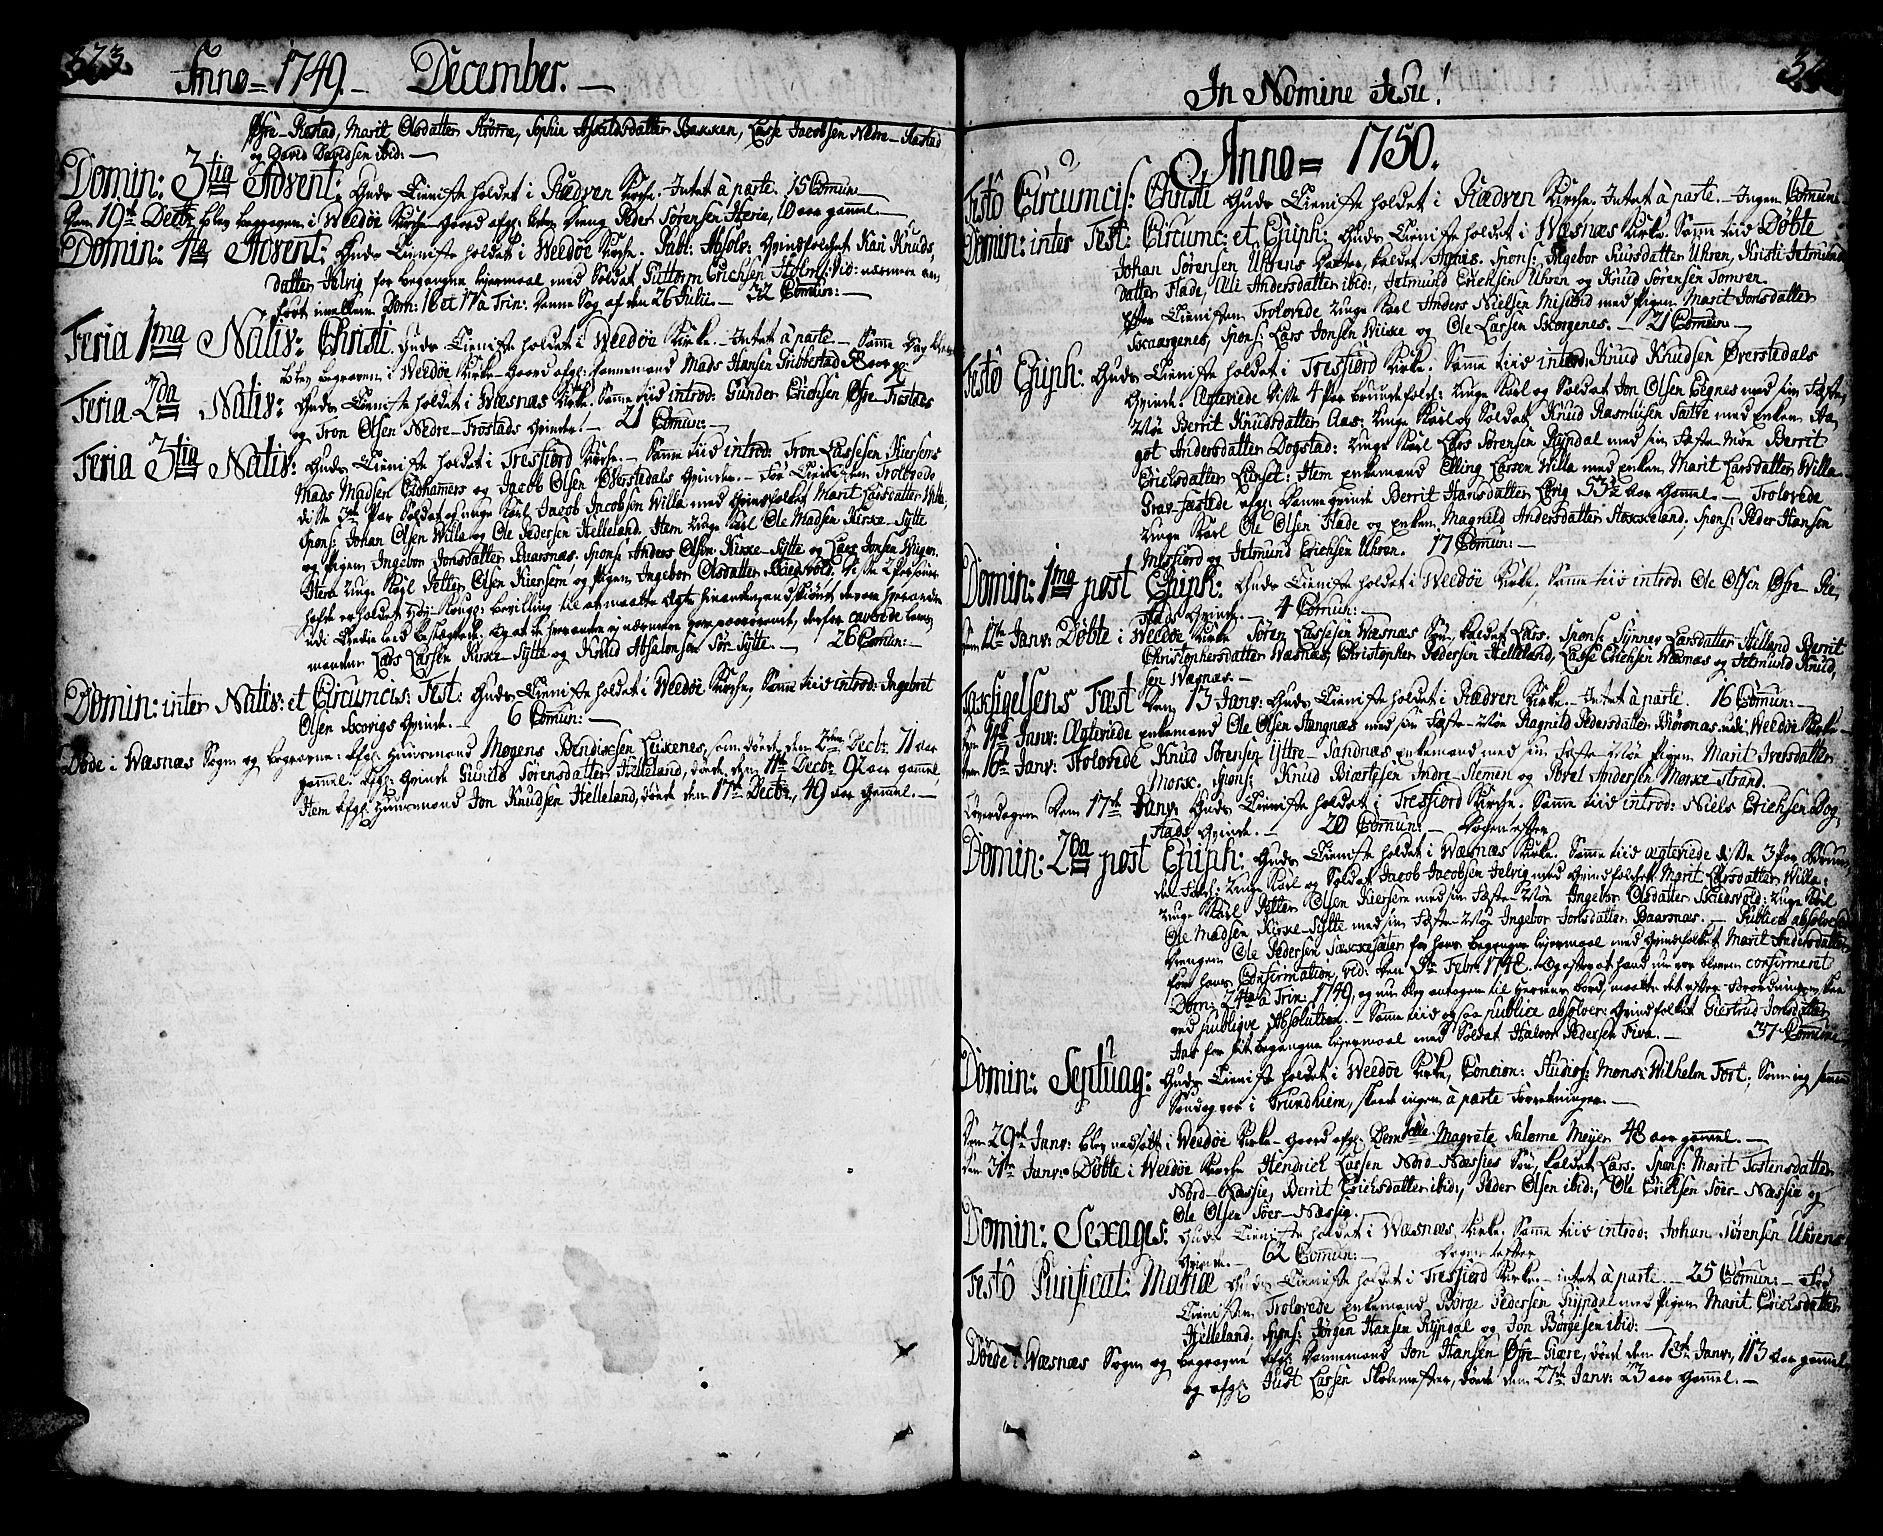 SAT, Ministerialprotokoller, klokkerbøker og fødselsregistre - Møre og Romsdal, 547/L0599: Ministerialbok nr. 547A01, 1721-1764, s. 324-325